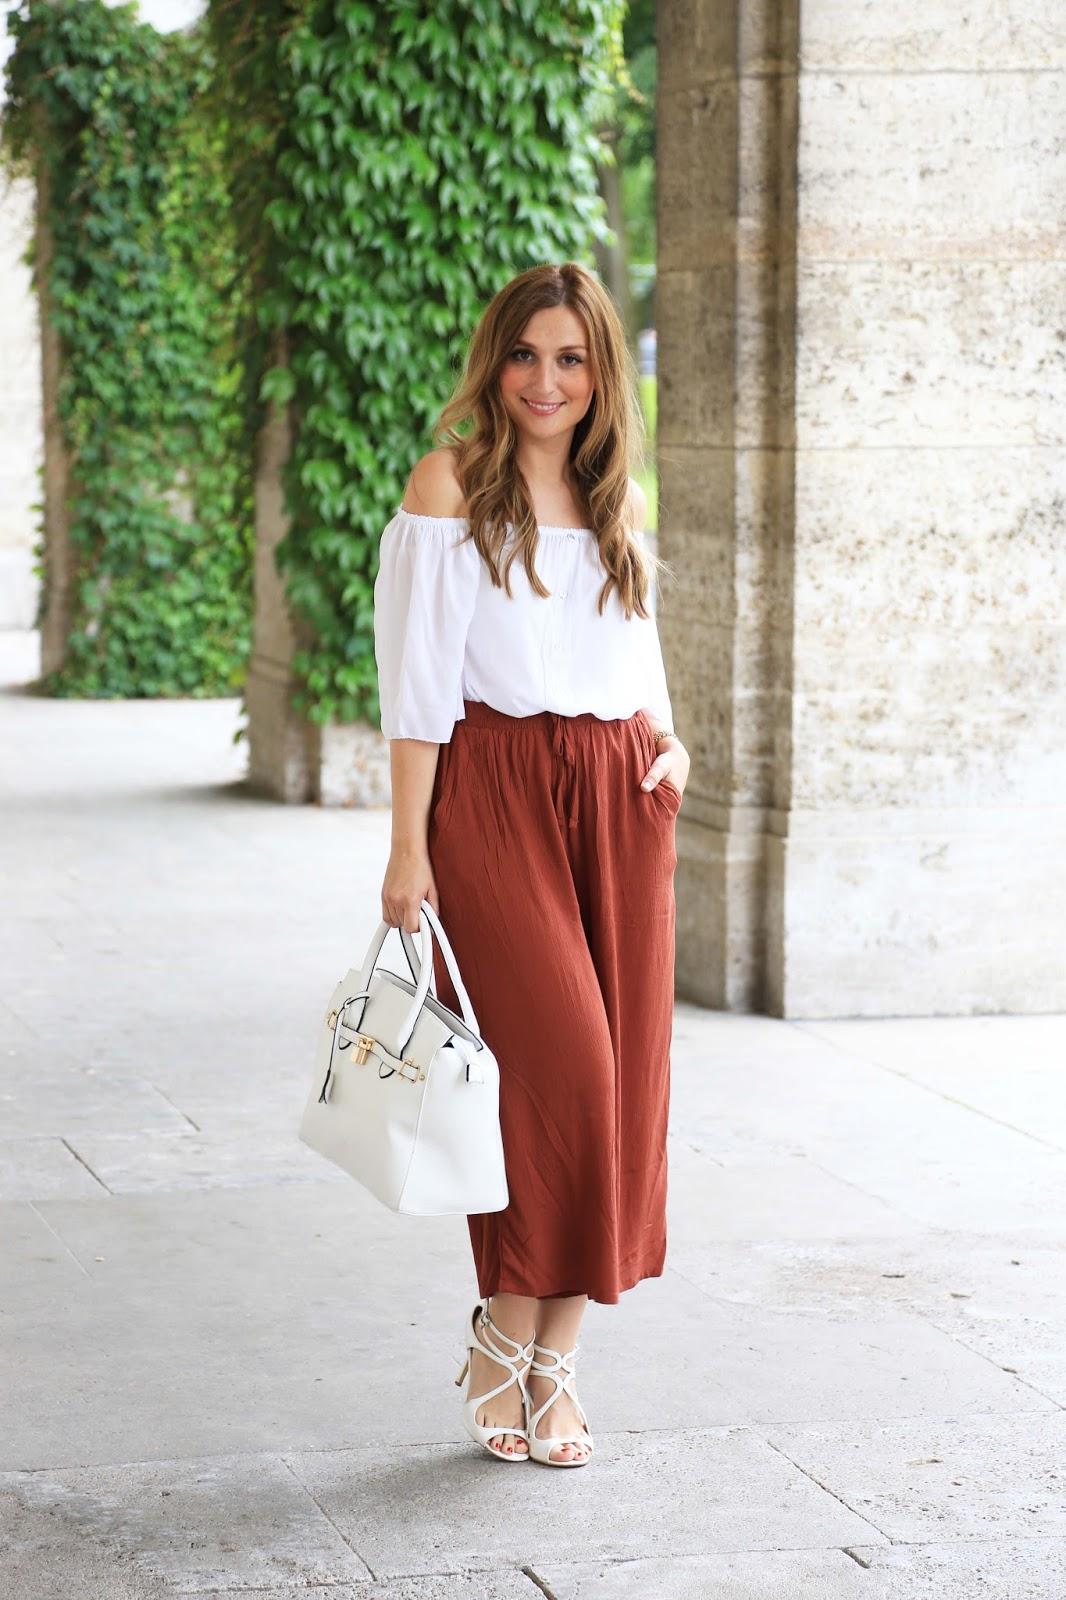 culotte hose- Weiße Sandalen - Weiße Schuhe - OffShoulder- Fashionstylebyjohanna in weißen Schuhen